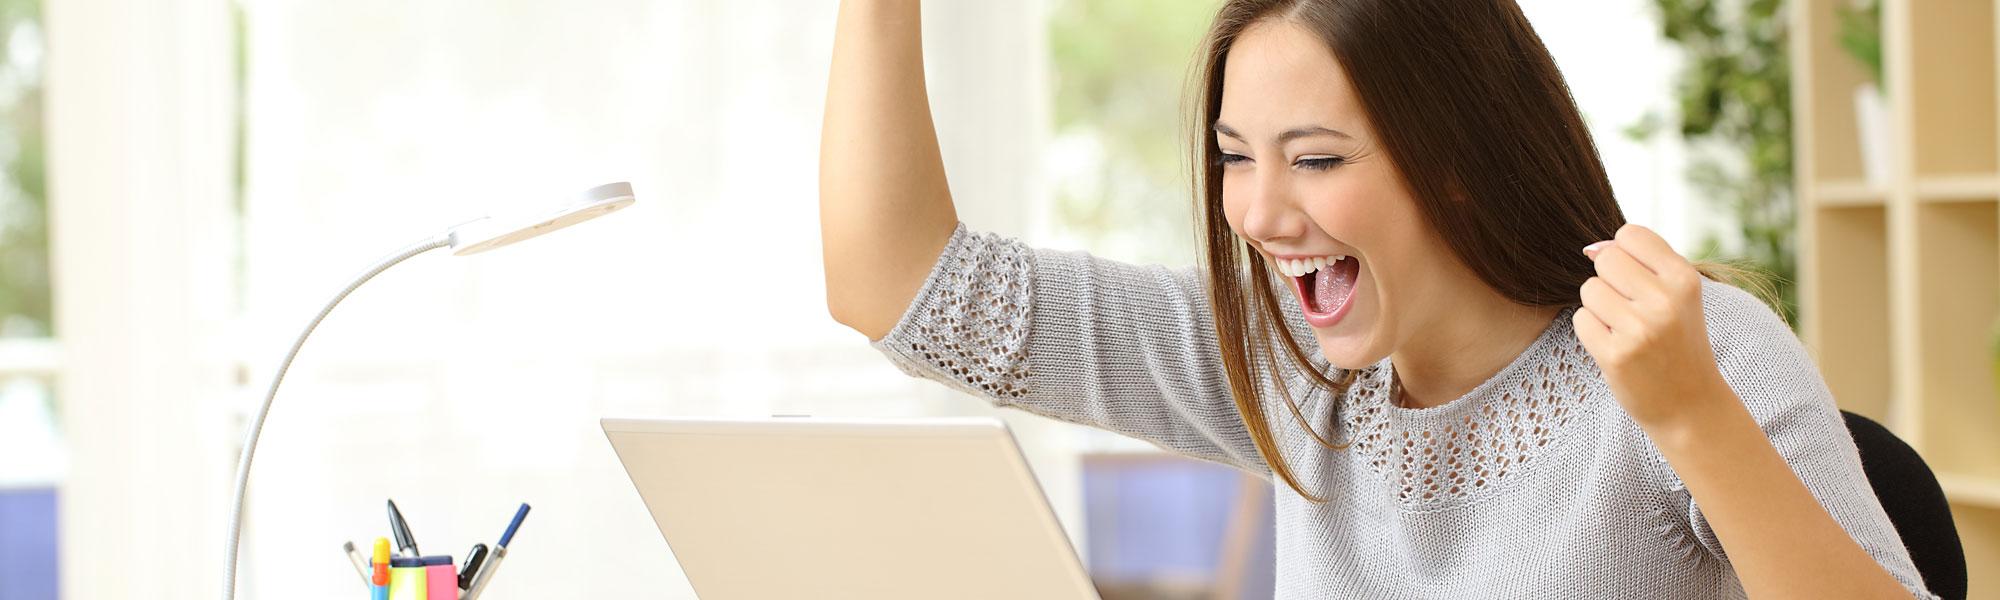 Video om online beter gevonden te worden